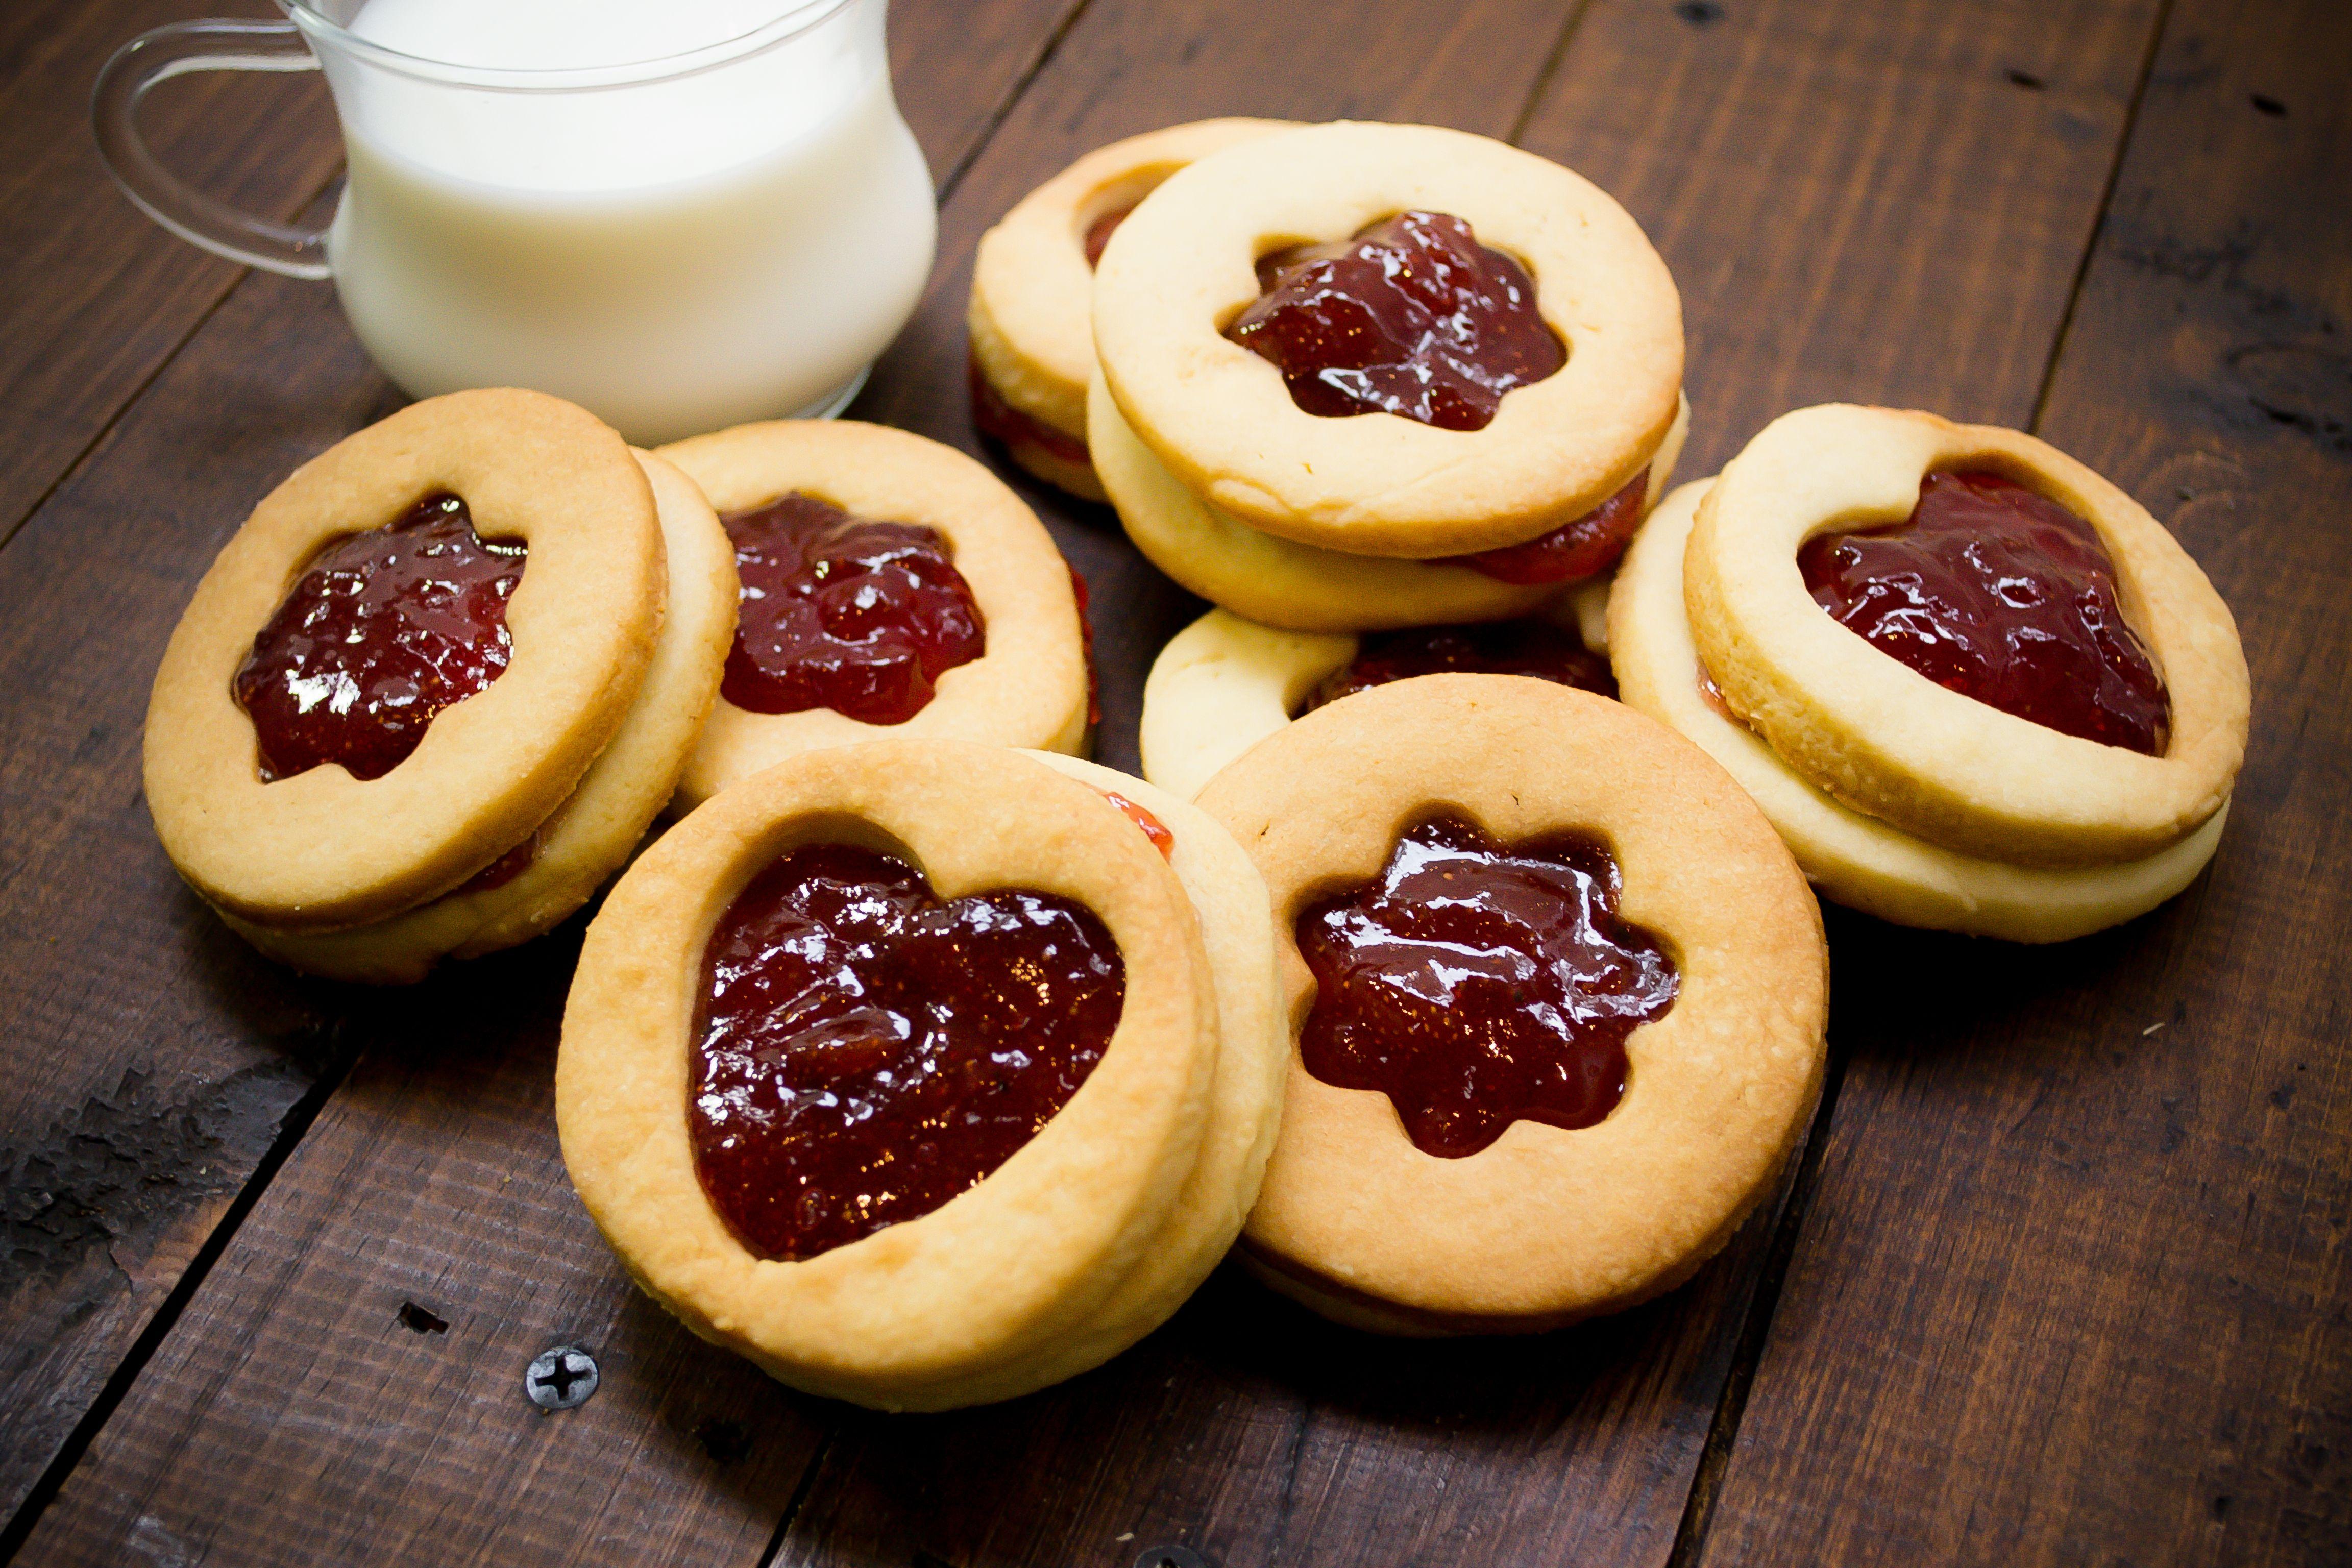 hacer galletas en casa